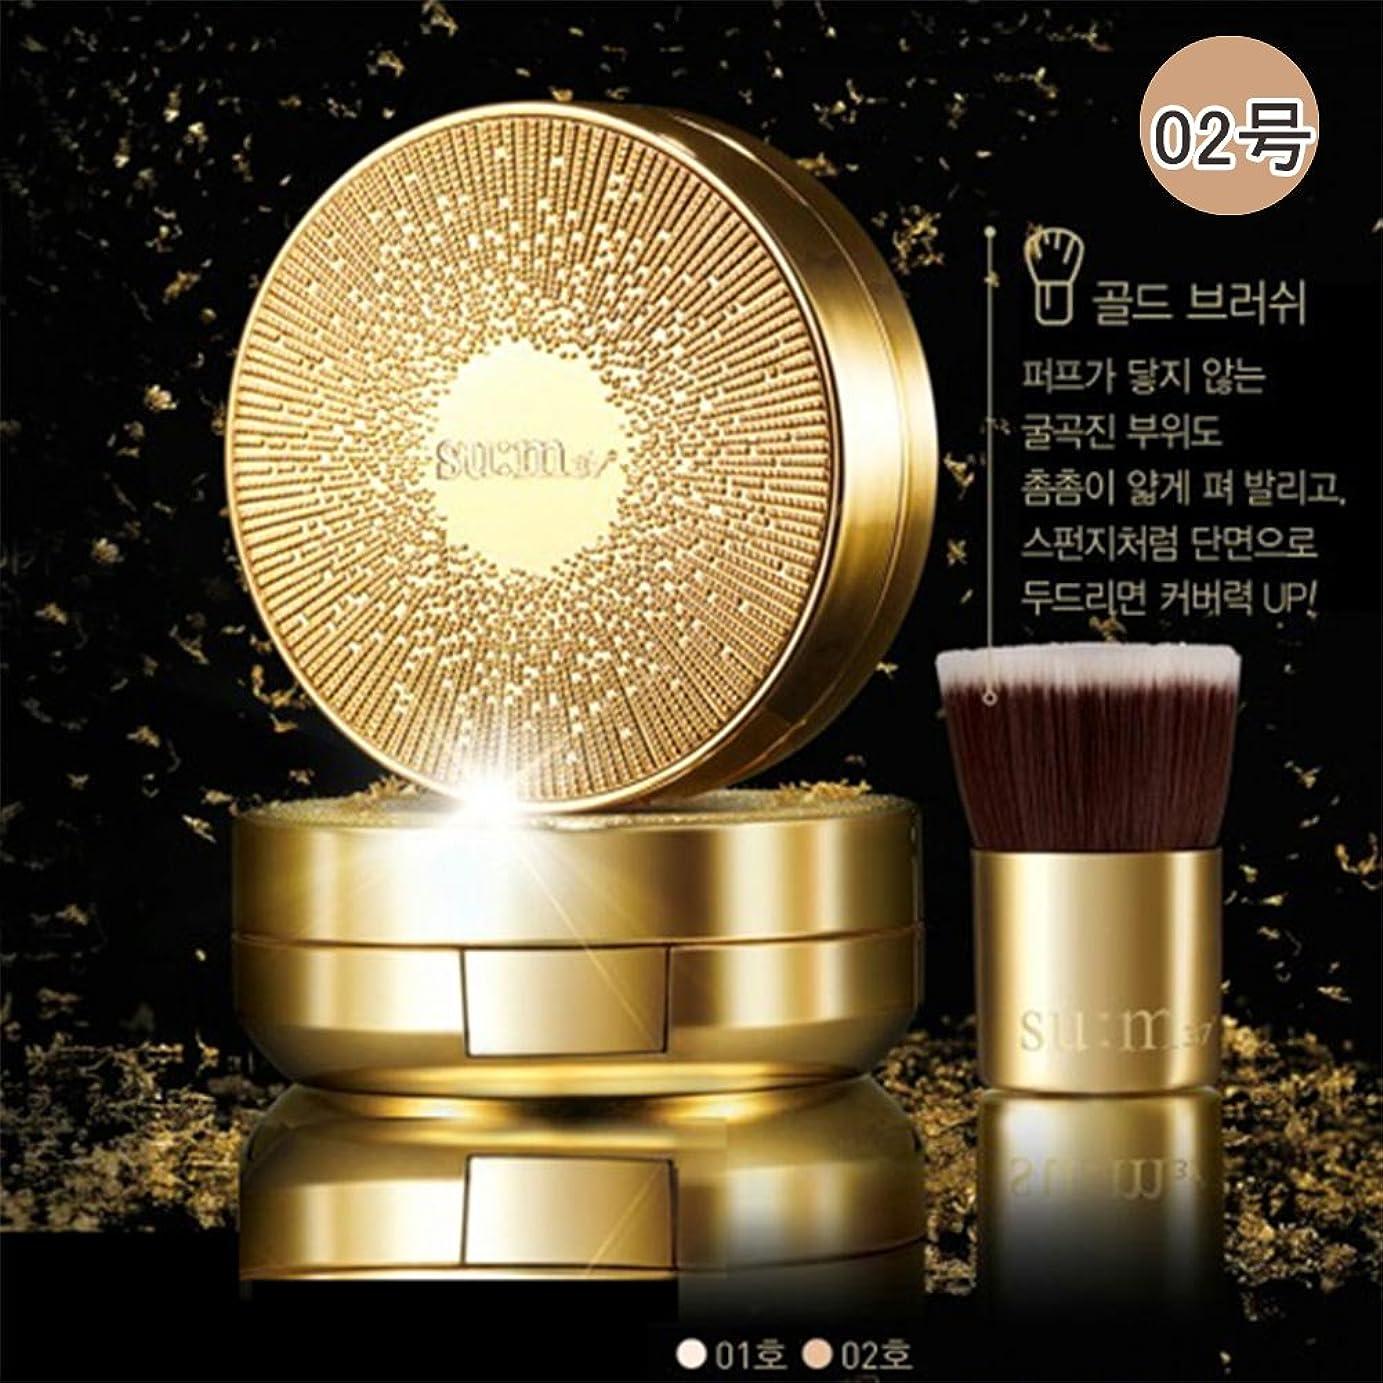 重要な形艶[su:m37/スム37°]Sum37 でシック スムマ ゴール ドメタルファンデーション クッション /スム37 Losec suma Gold Metal Foundation Cushion NO. 02 + [Sample Gift](海外直送品)